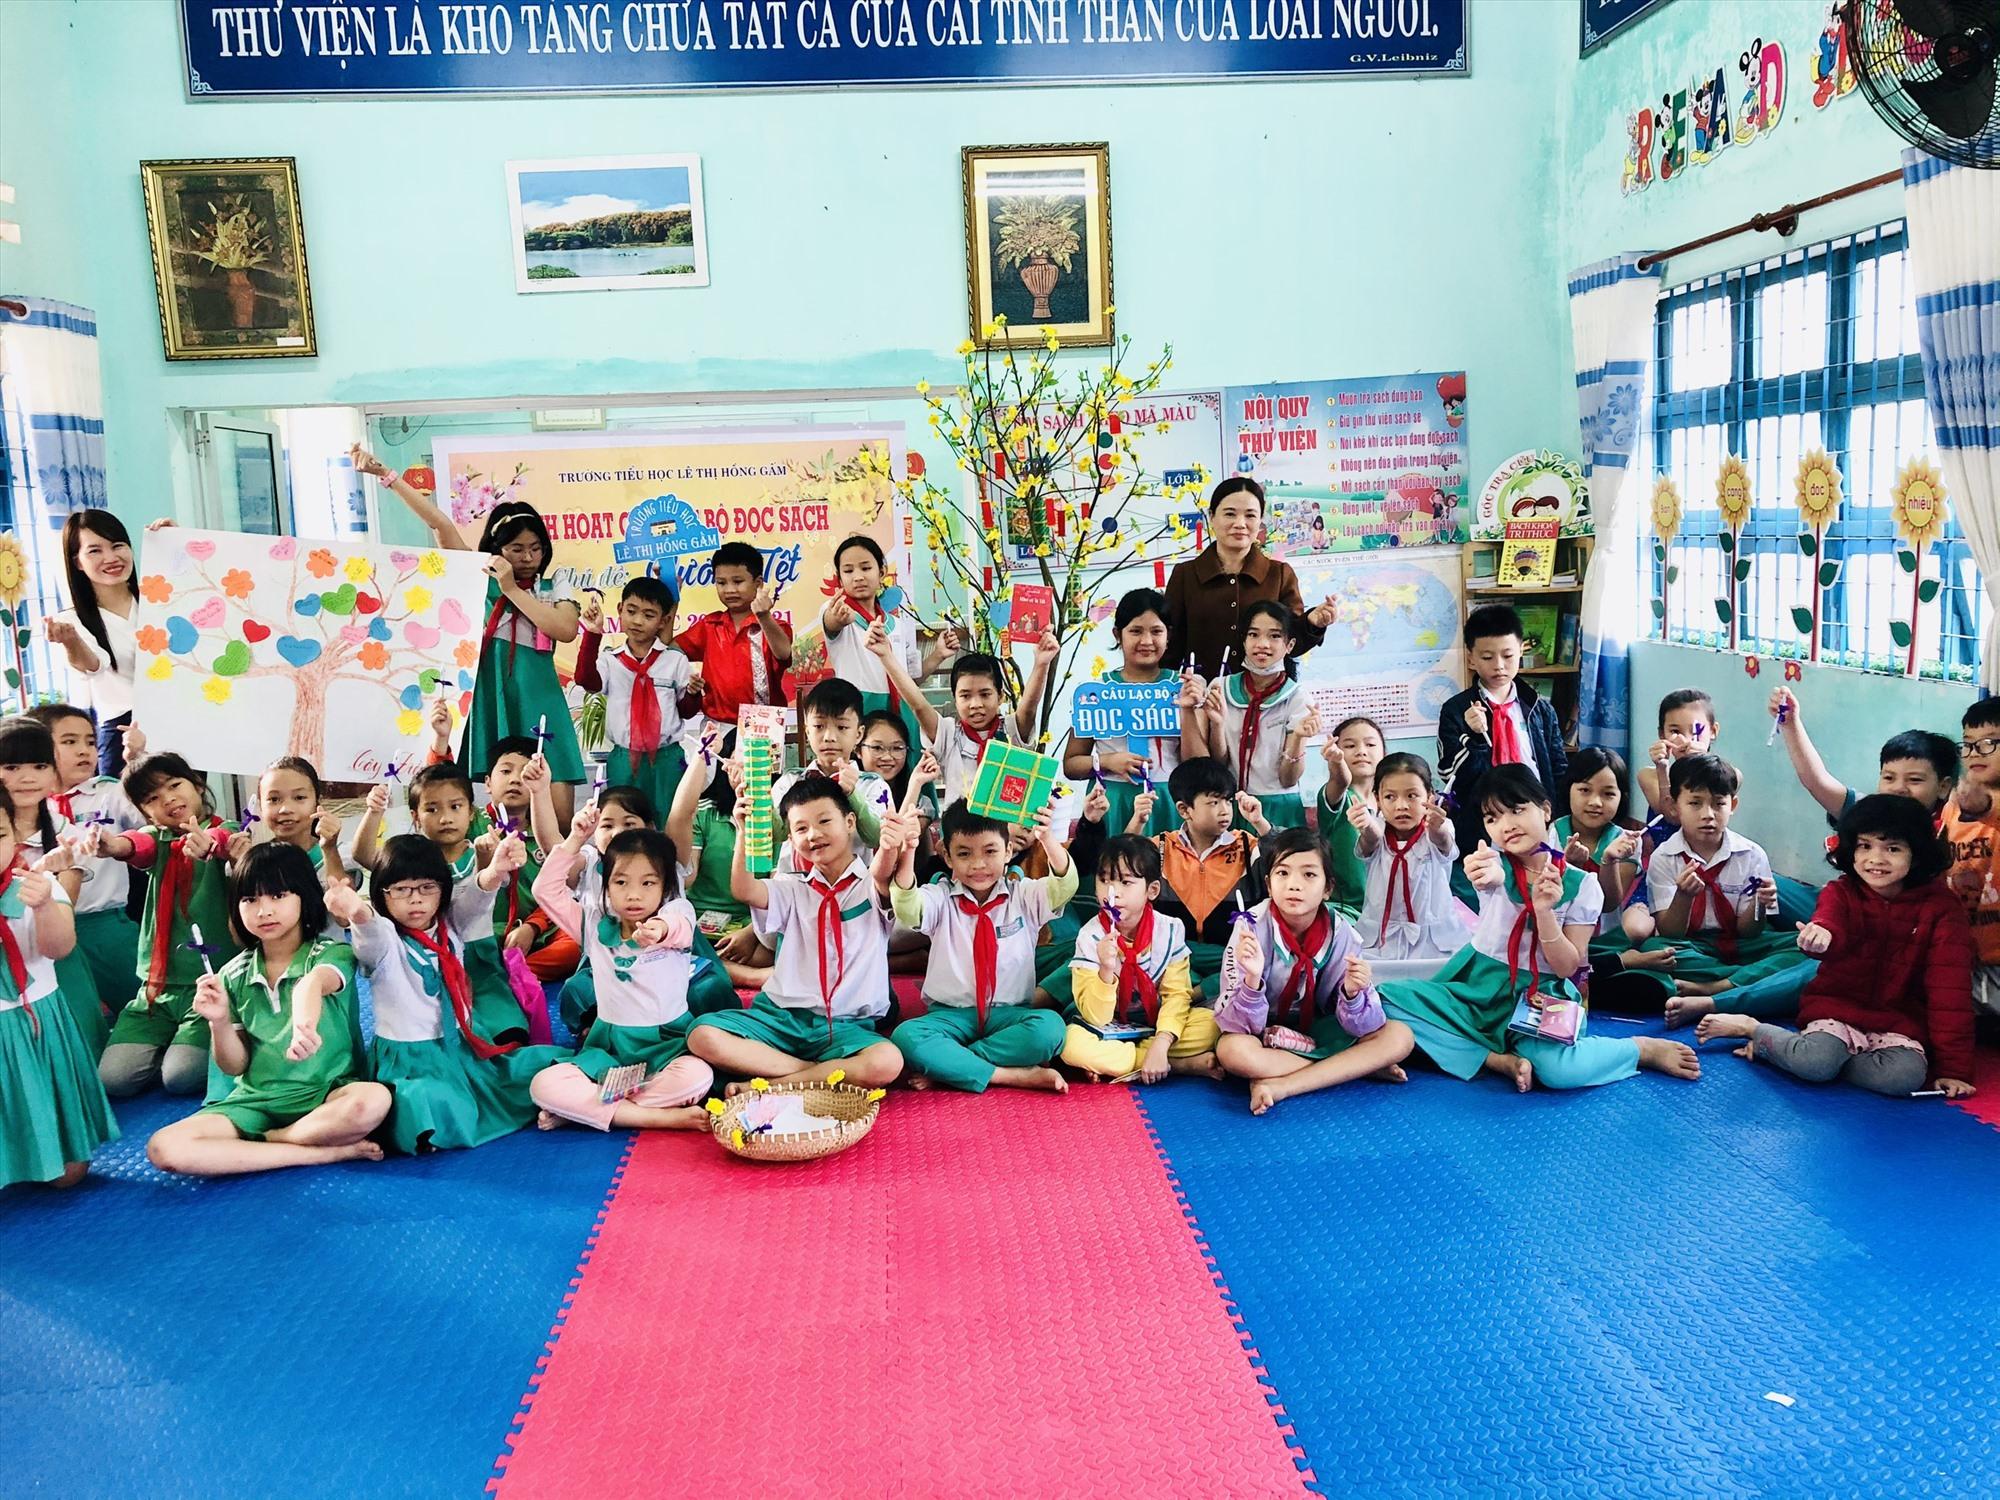 """Buổi sinh hoạt chủ đề """"Hương tết"""" của Câu lạc bộ đọc sách Trường Tiểu học Lê Thị Hồng Gấm. Ảnh: C.N"""